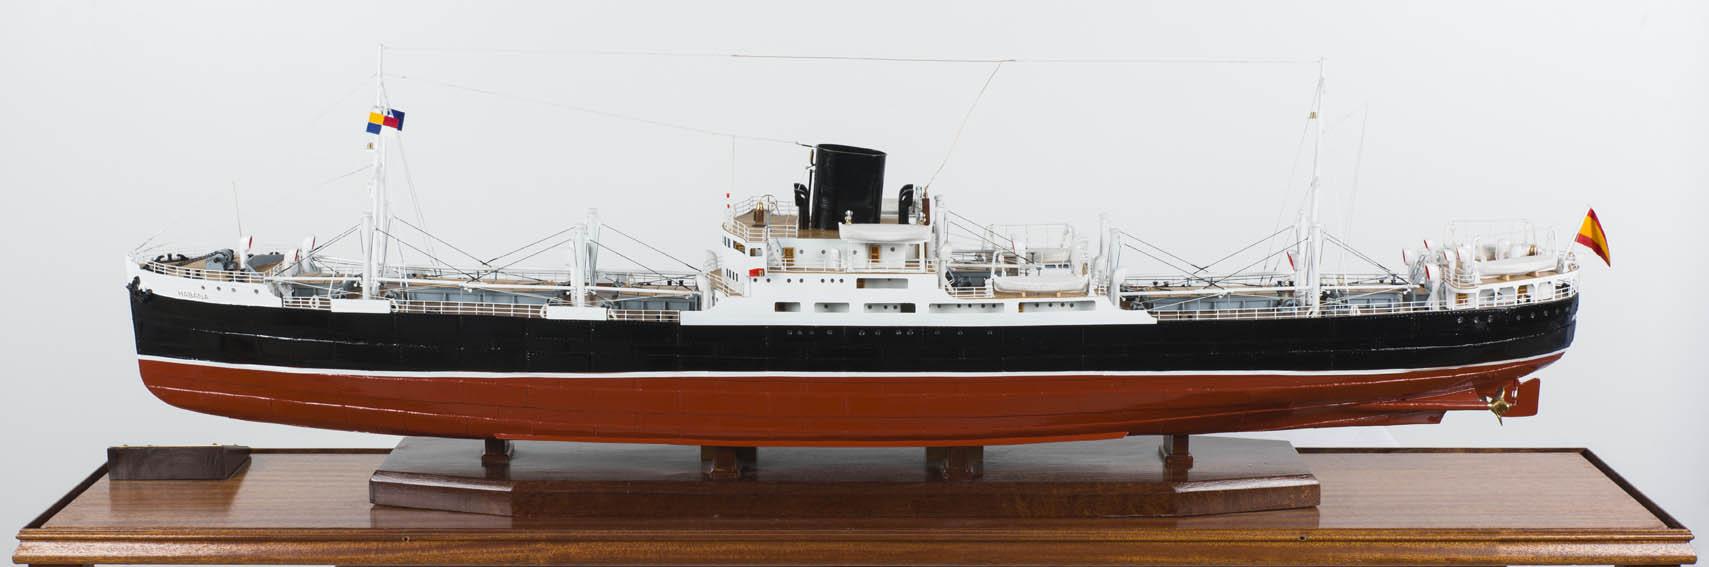 Modelo del vapor de pasajeros a turbinas Habana, construido en el año 1923 y perteneciente a la Compañía Transatlántica Española. Su anterior nombre era